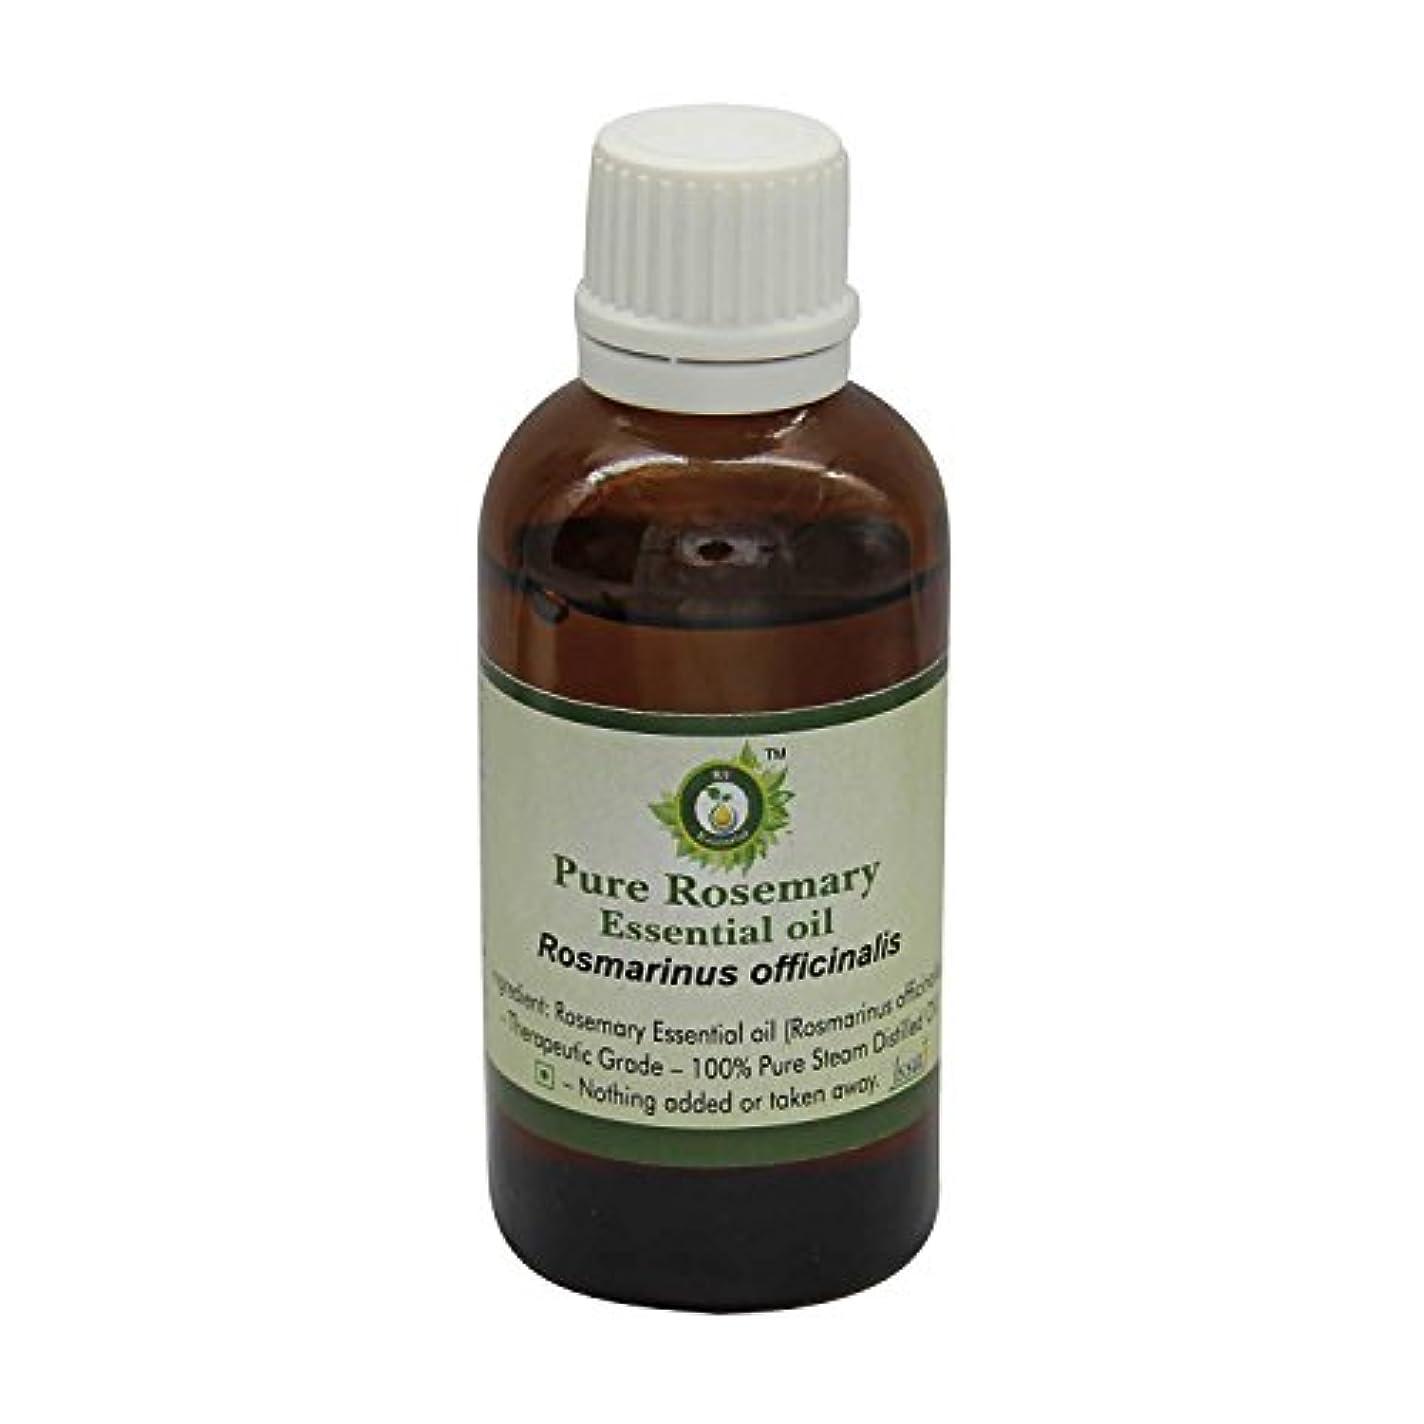 問い合わせる遠え教会R V Essential ピュアローズマリーエッセンシャルオイル30ml (1.01oz)- Rosmarinus Officinalis (100%純粋&天然スチームDistilled) Pure Rosemary...